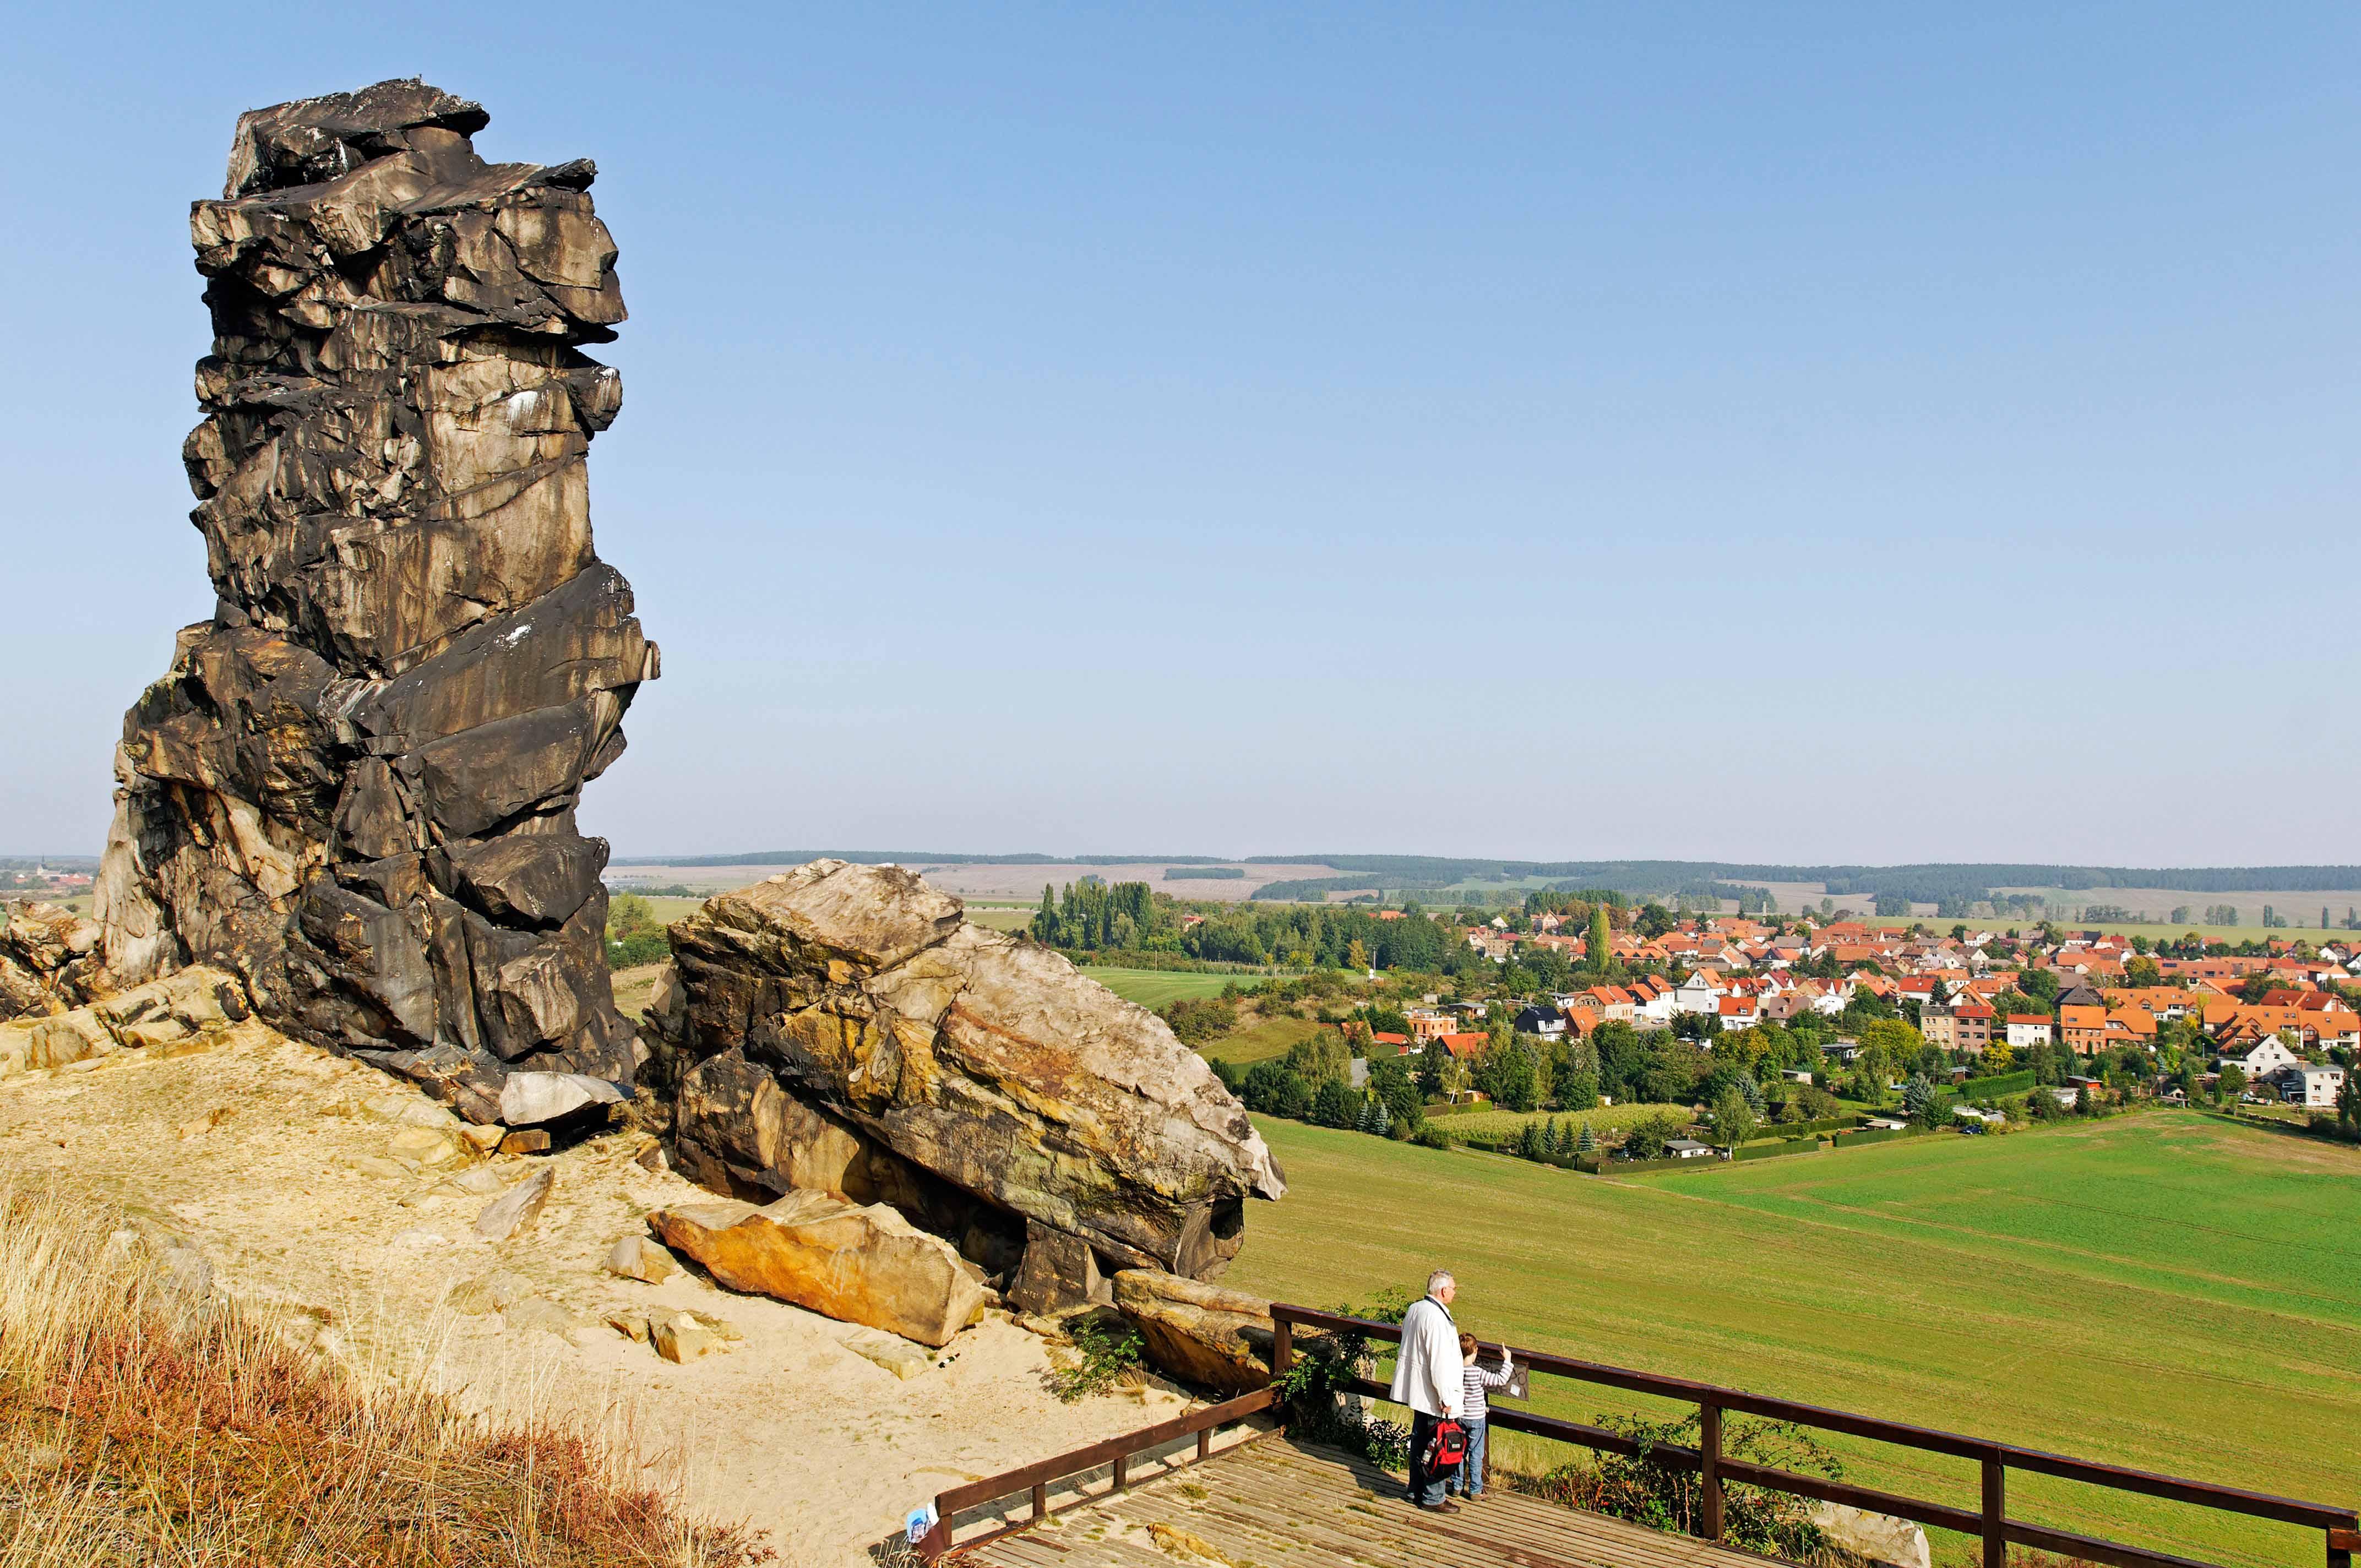 Foto: Oliver Gerhard, Naturschutzgebiet Teufelsmauer nahe Quedlinburg, Sachsen-Anhalt, Deutschland, Europa